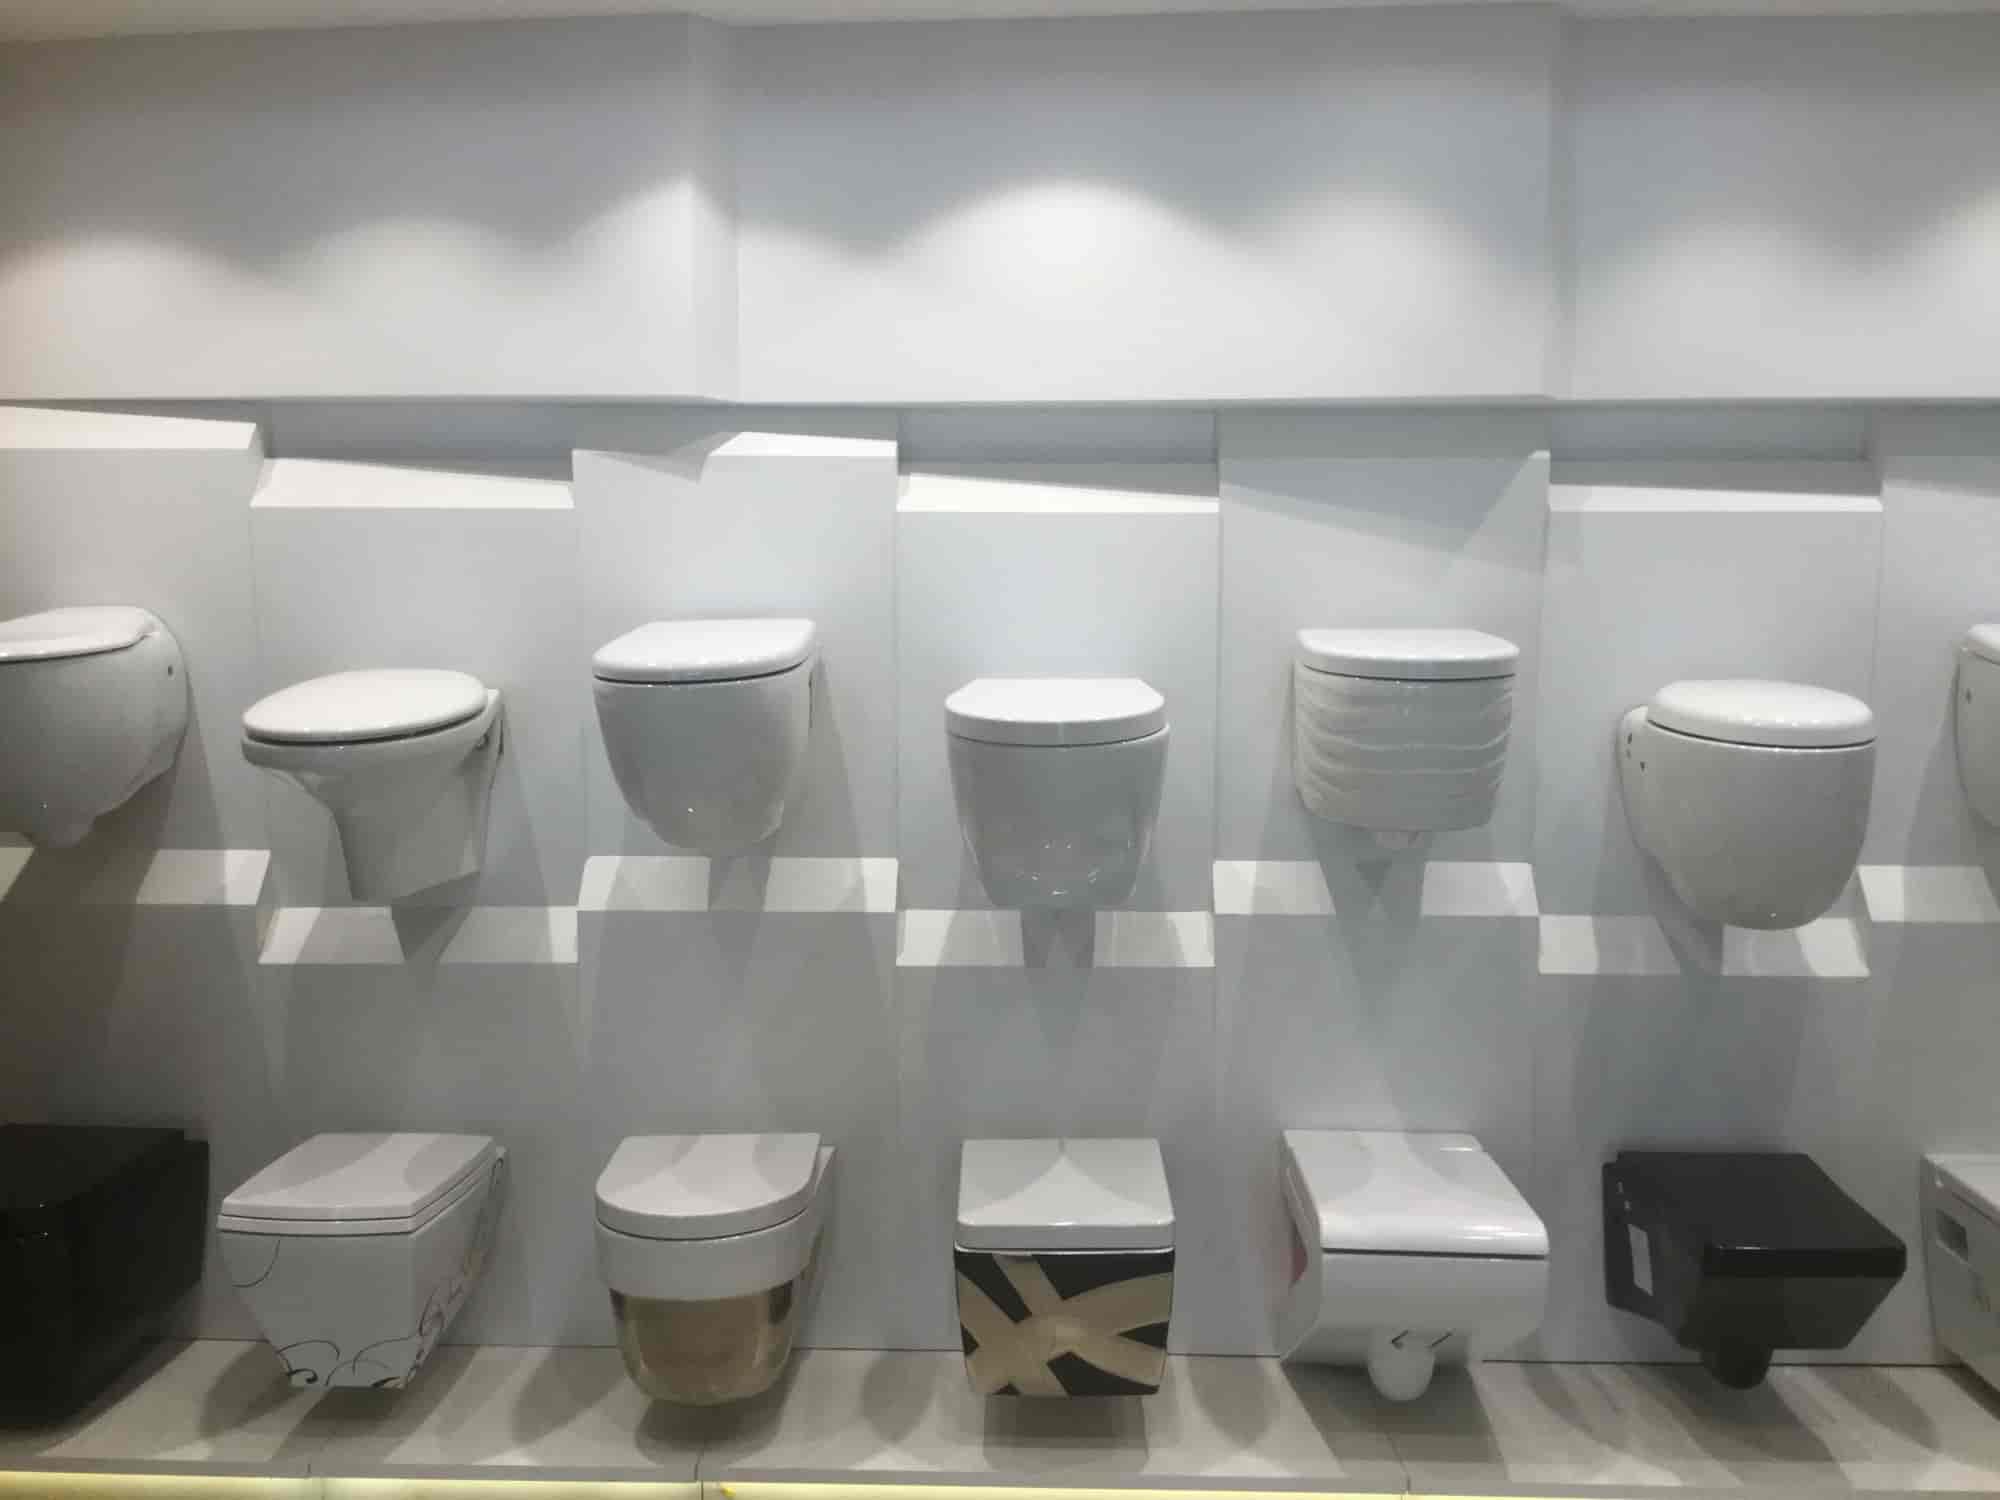 kitchen bathroom designer bathrooms kennedy small rs gallery rachelxblog best photos